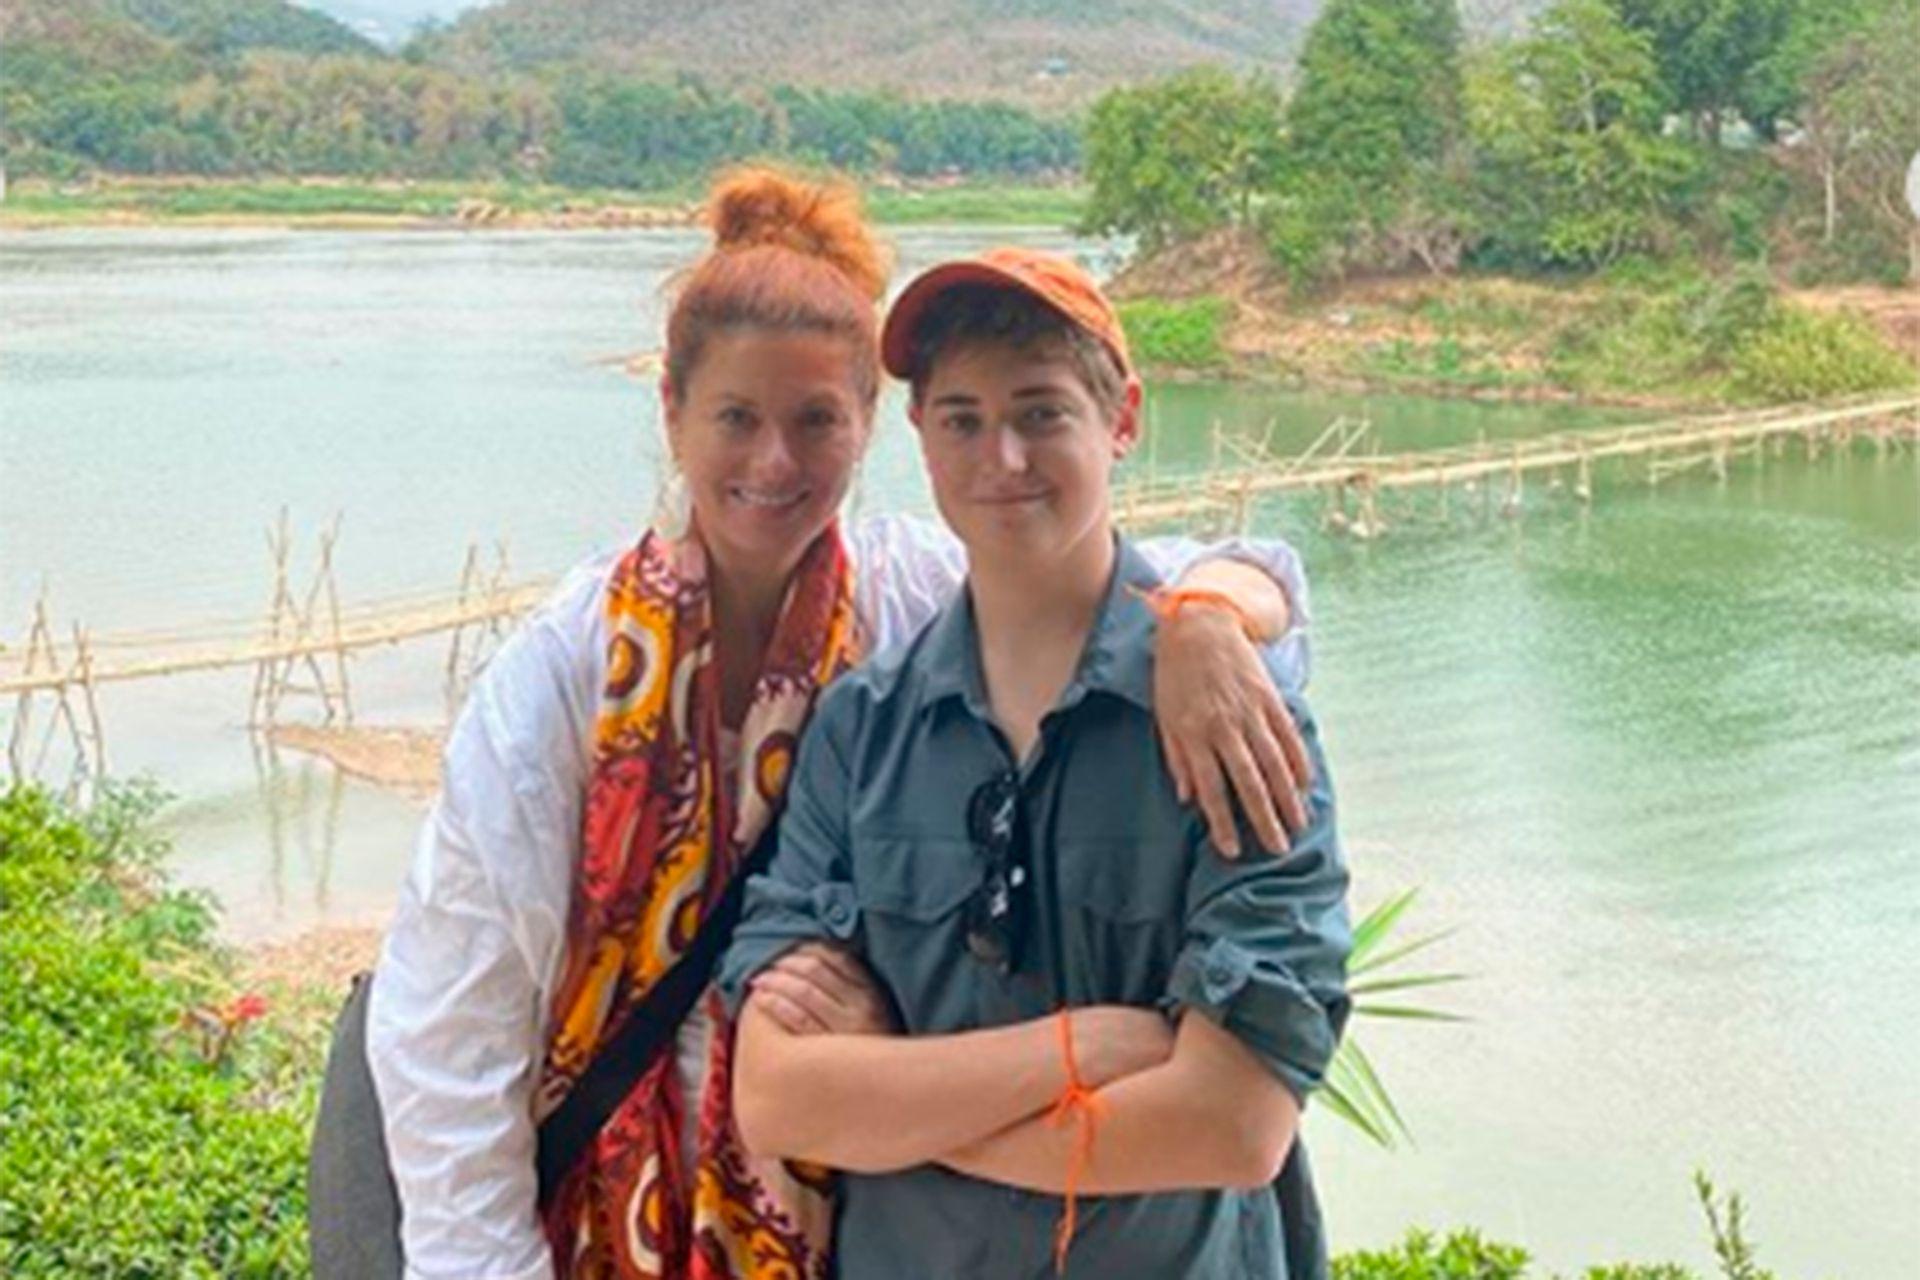 Debra Messing y su hijo Roman pasean por Laos, maravillados por la naturaleza y los templos propios del sudeste asiático